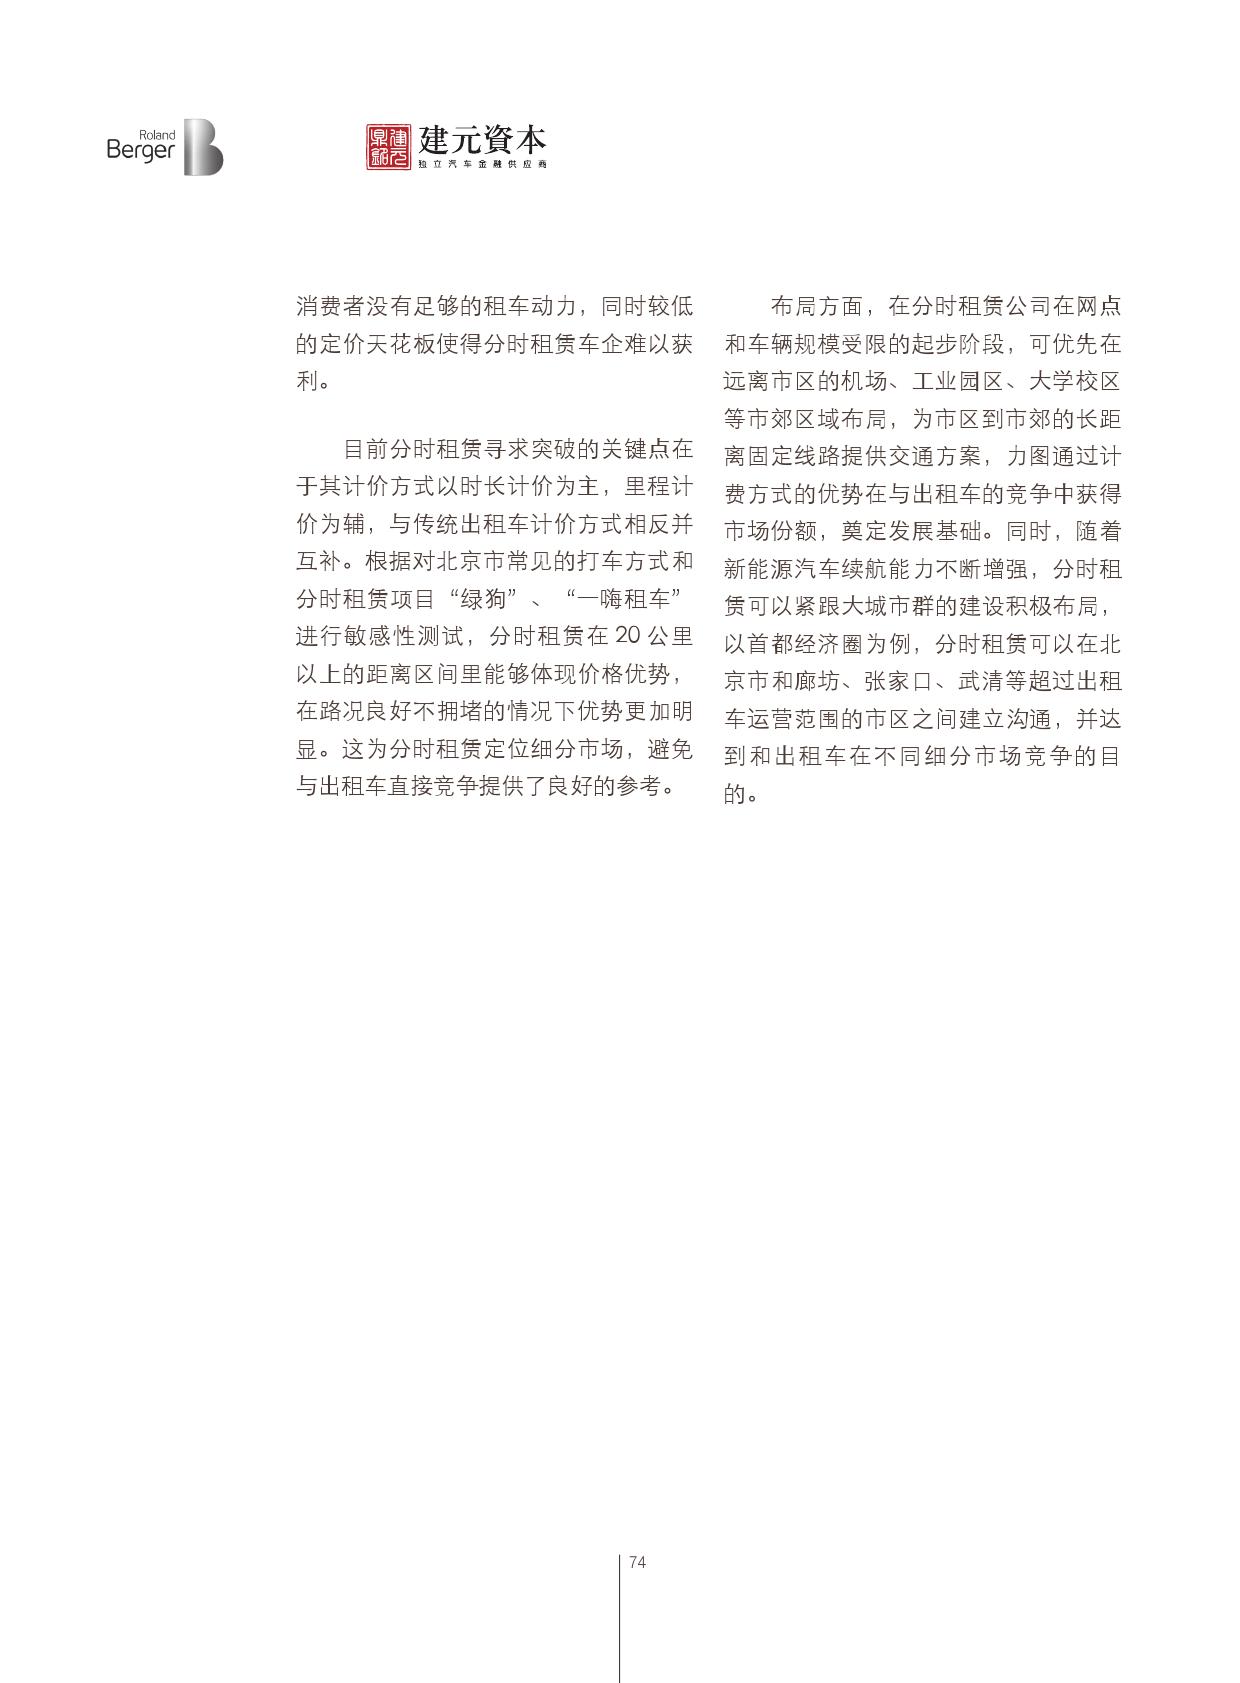 2016中国汽车金融报告_000075